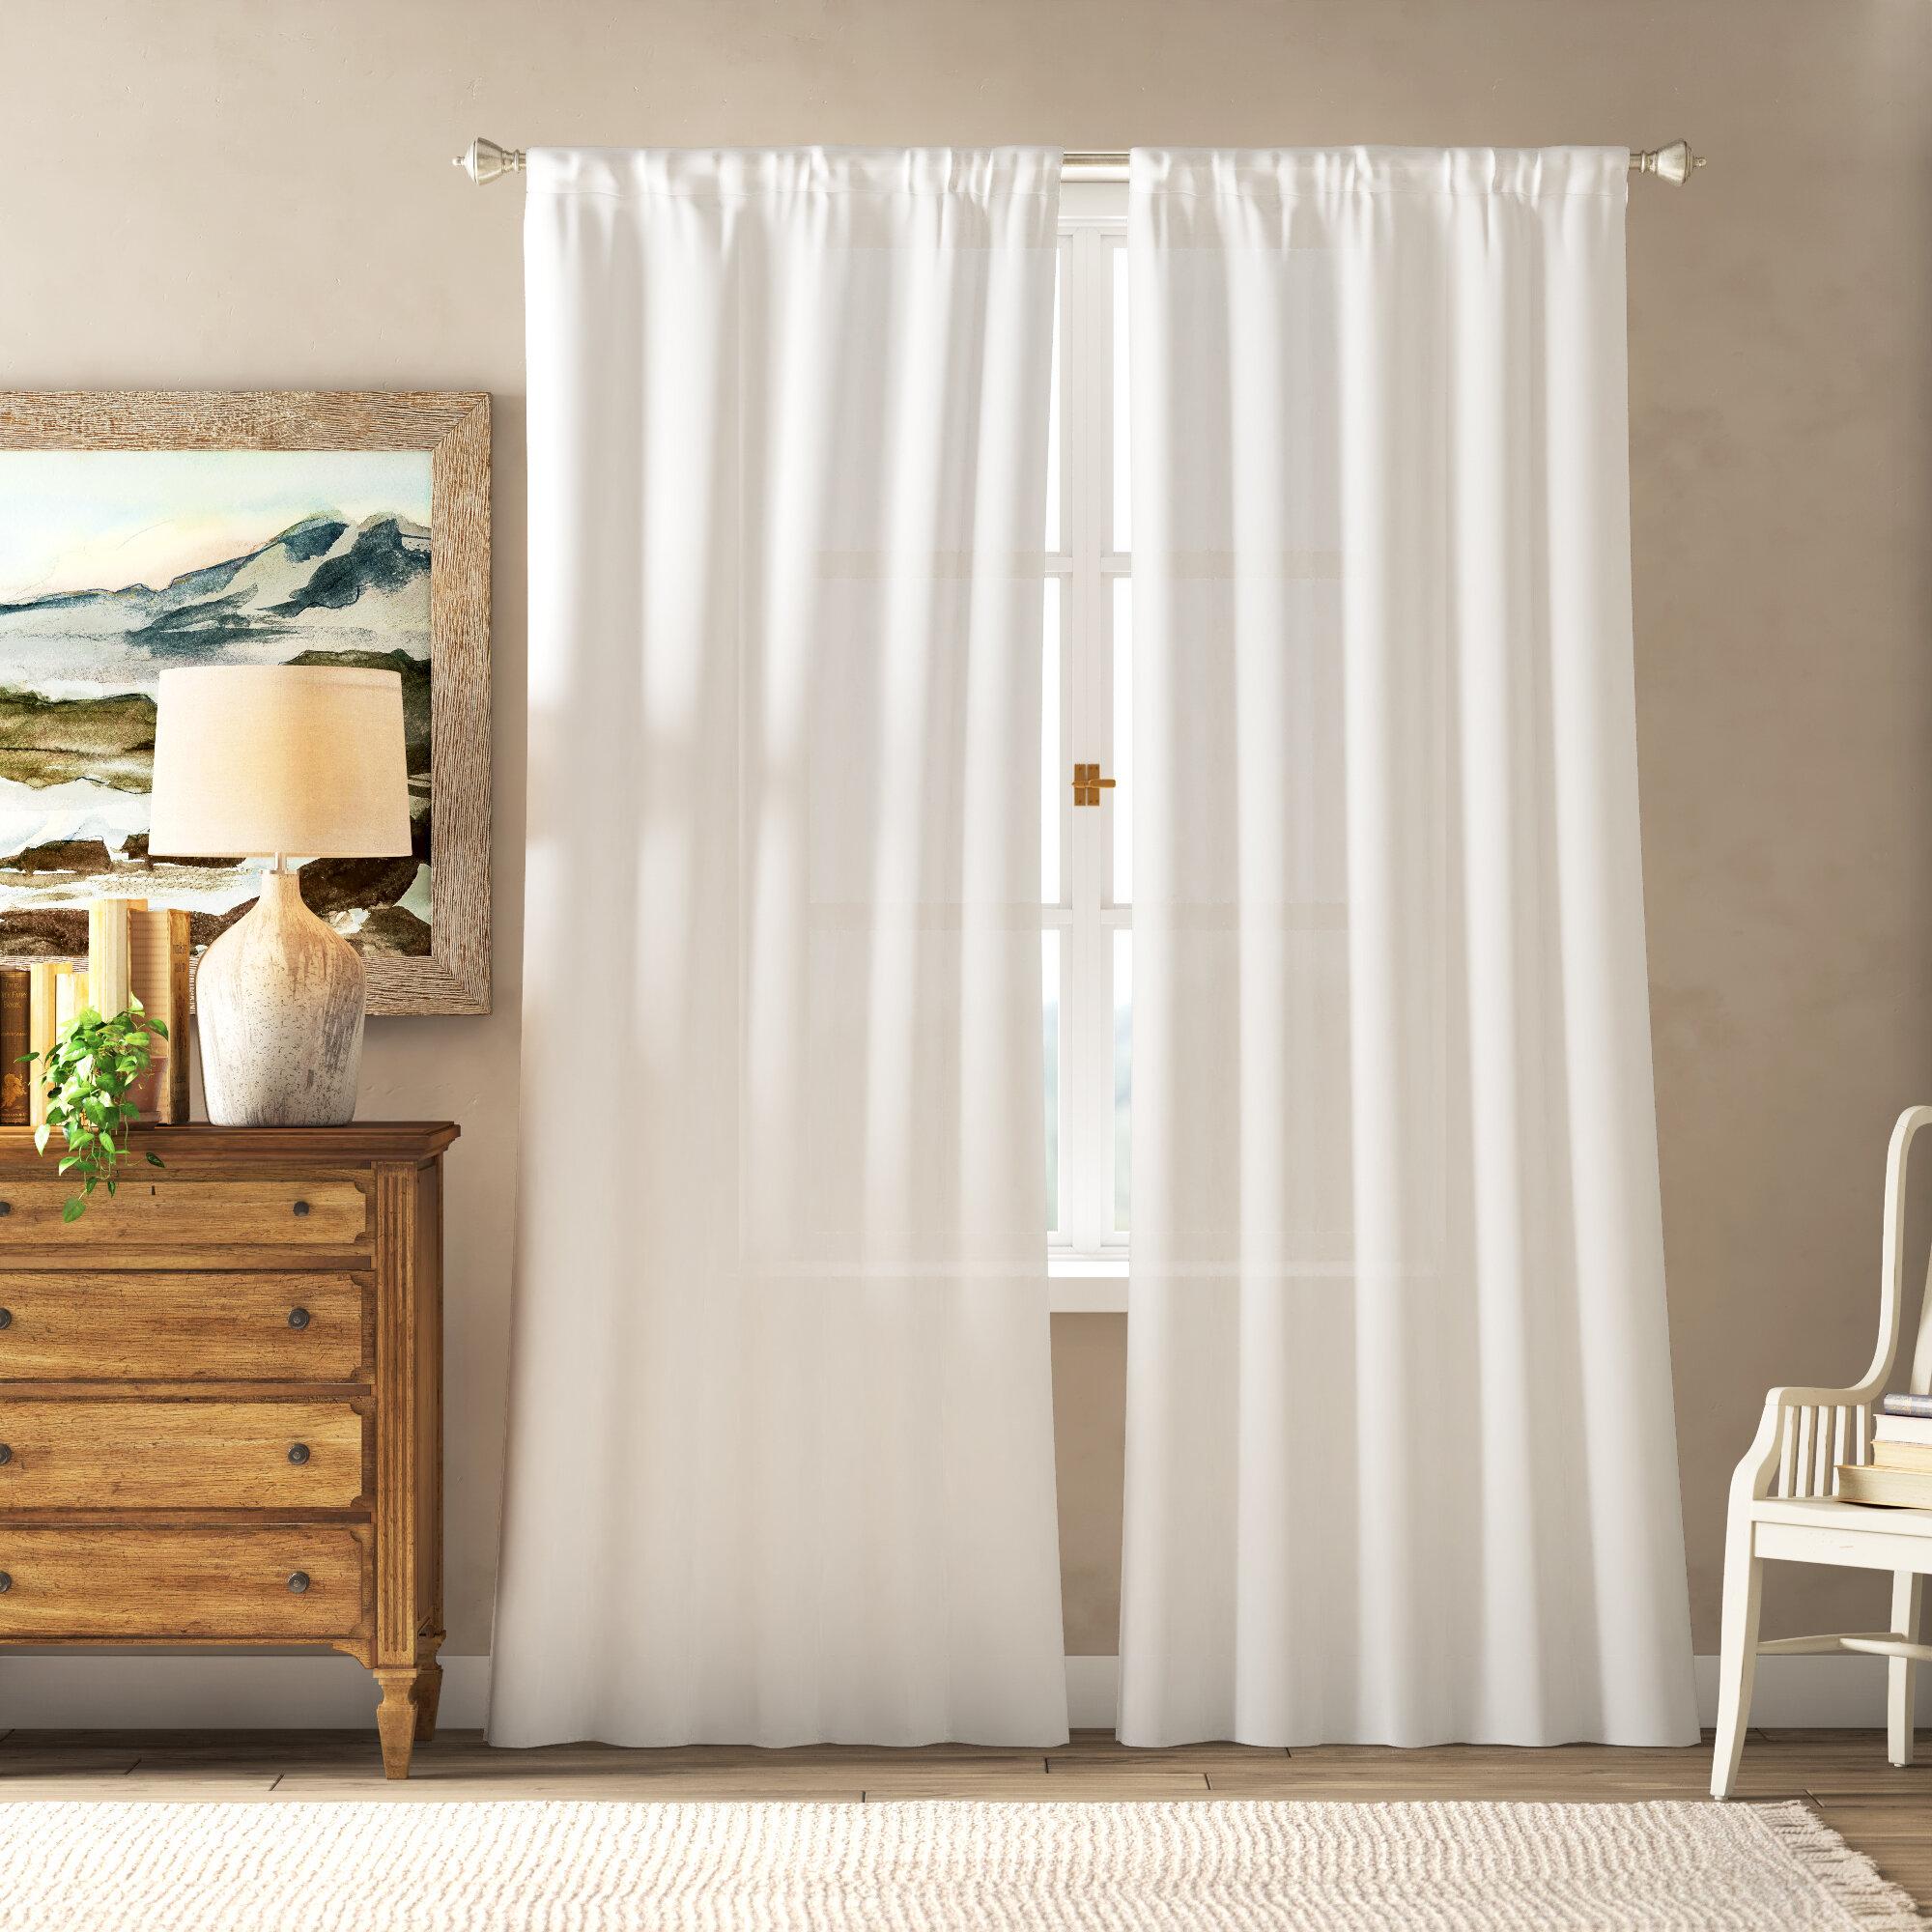 Birdsall Solid Color Room Darkening Thermal Rod Pocket Curtain Panels Reviews Birch Lane